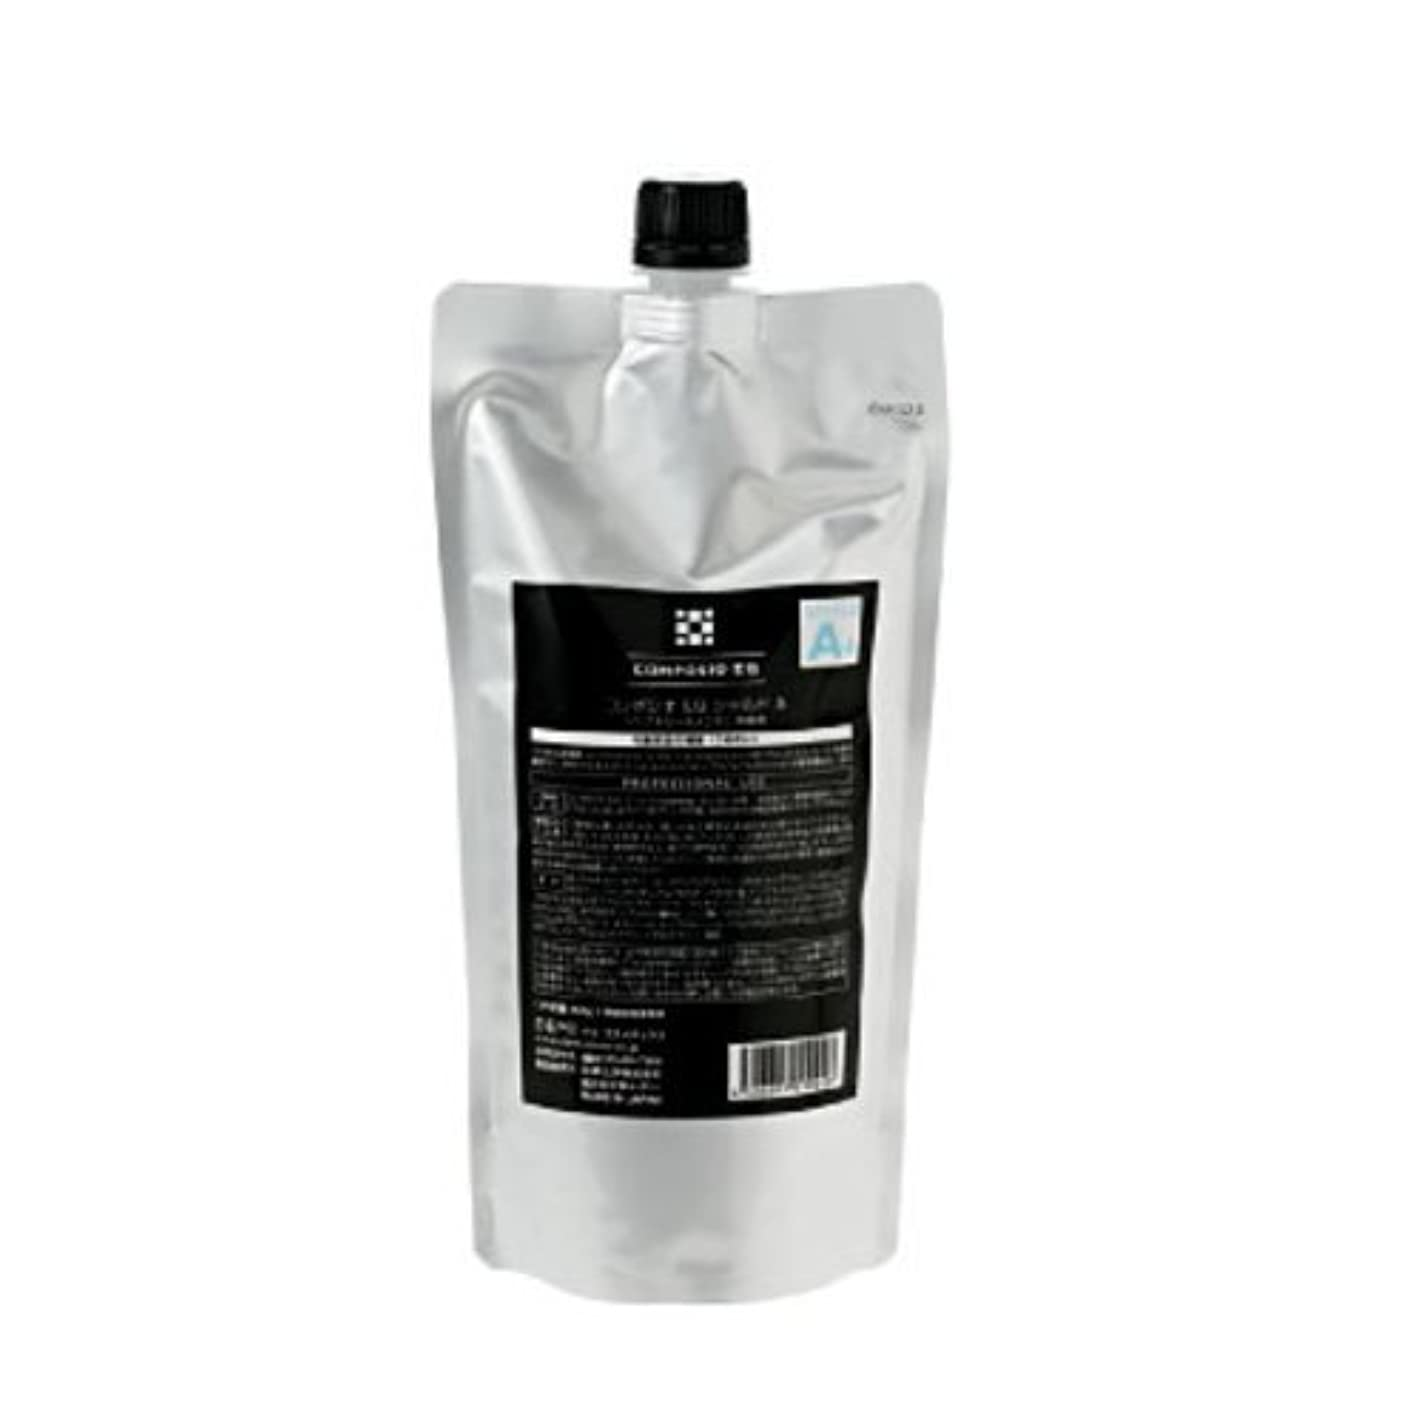 砂重荷ラグDEMI (デミ) コンポジオ EQ シールド A 450g レフィル